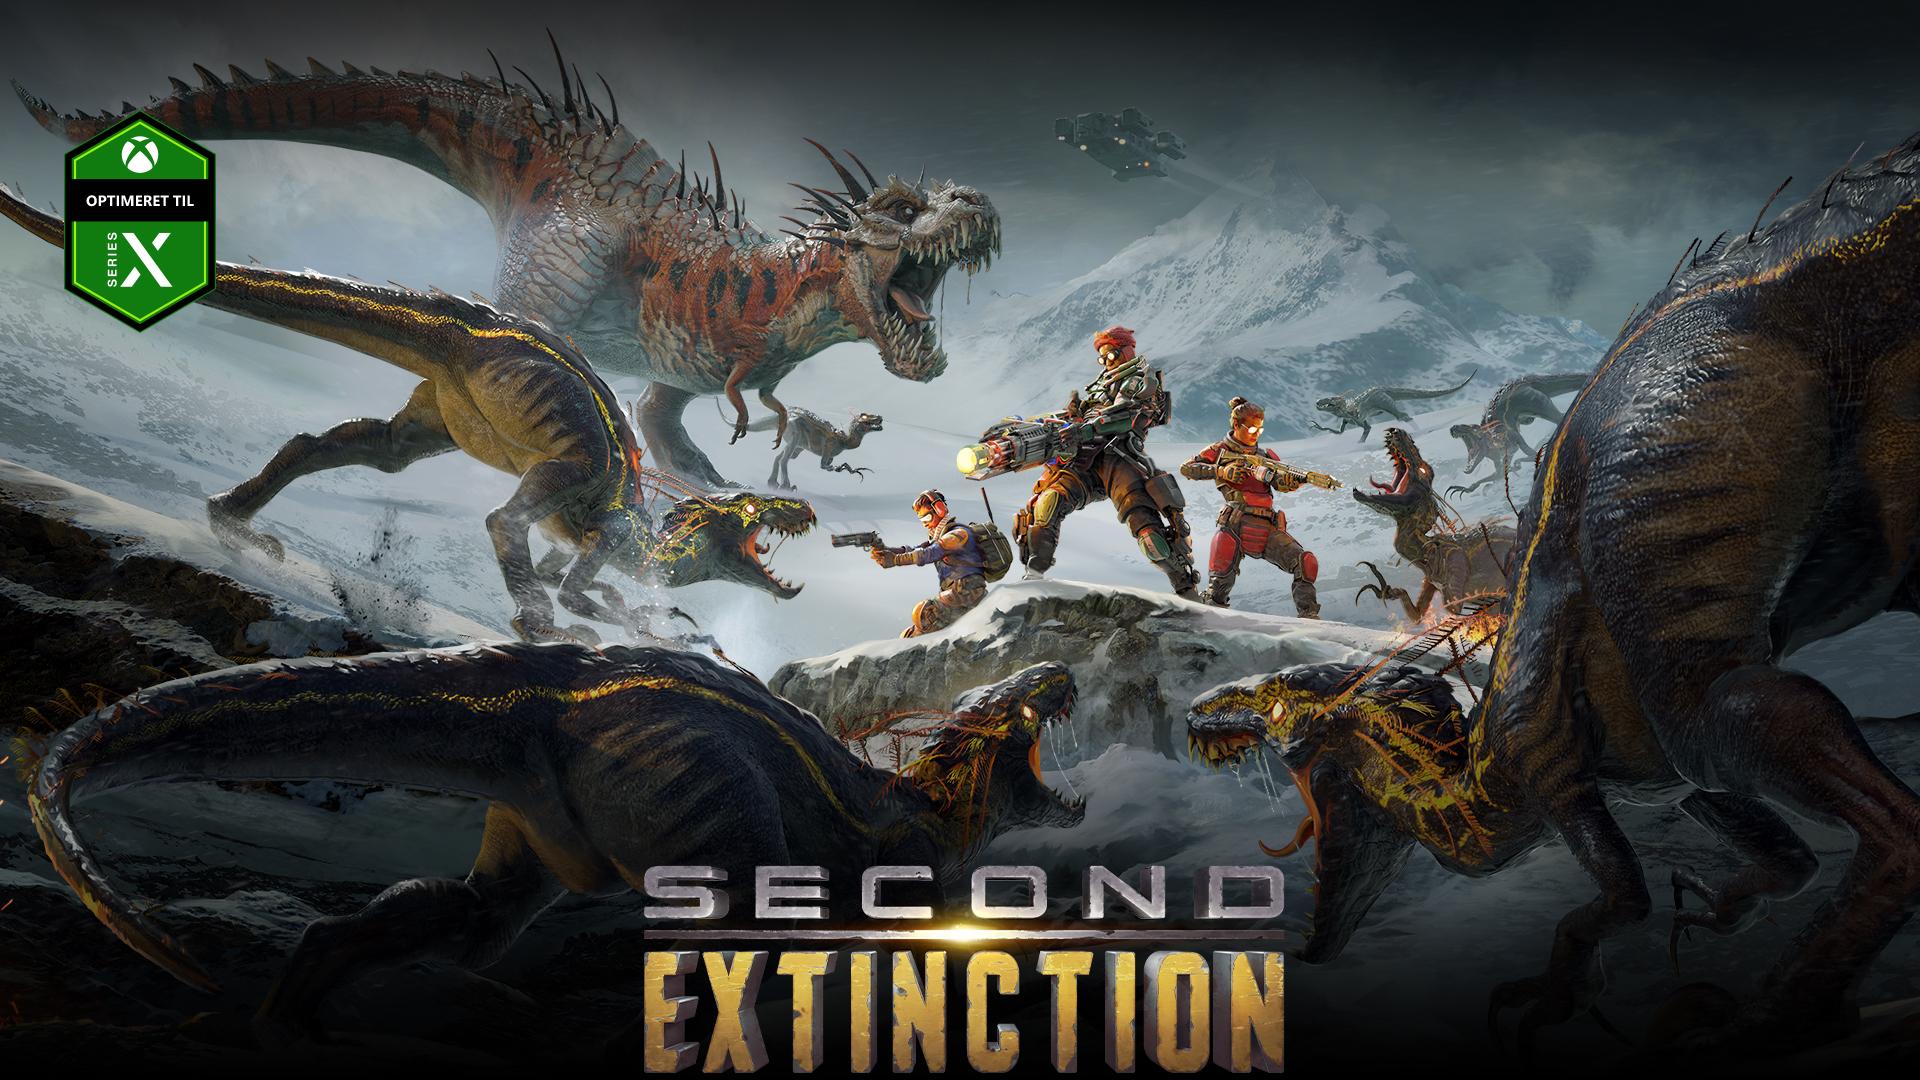 Second Extinction, Optimeret til Series X, en gruppe karakterer støder sammen med en gruppe dinosaurer.